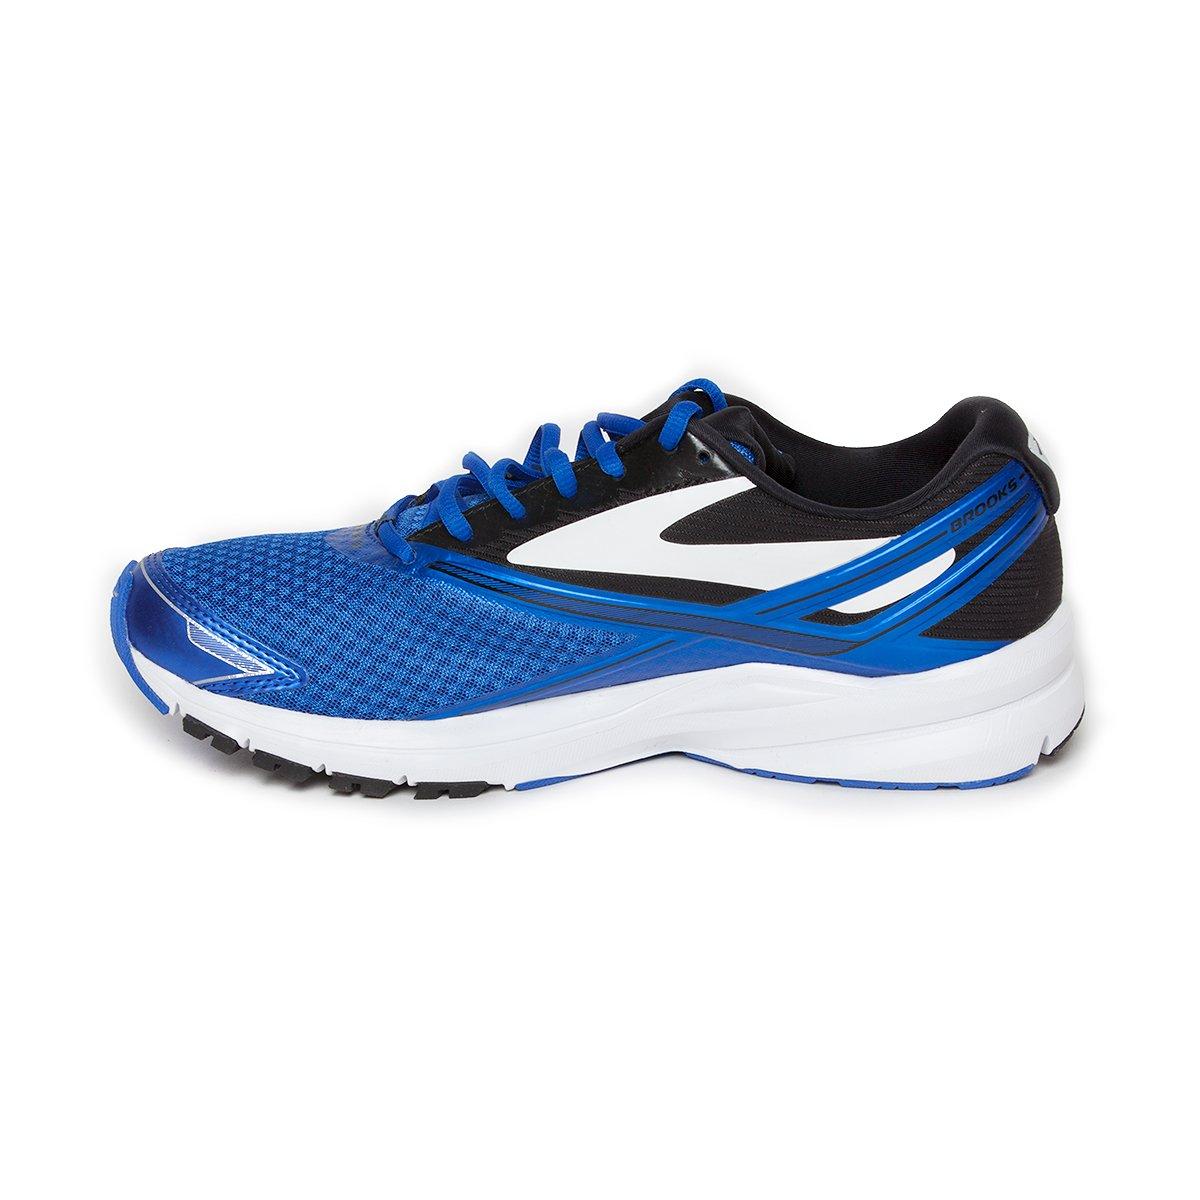 Brooks Launch 4 Running Shoe For Men